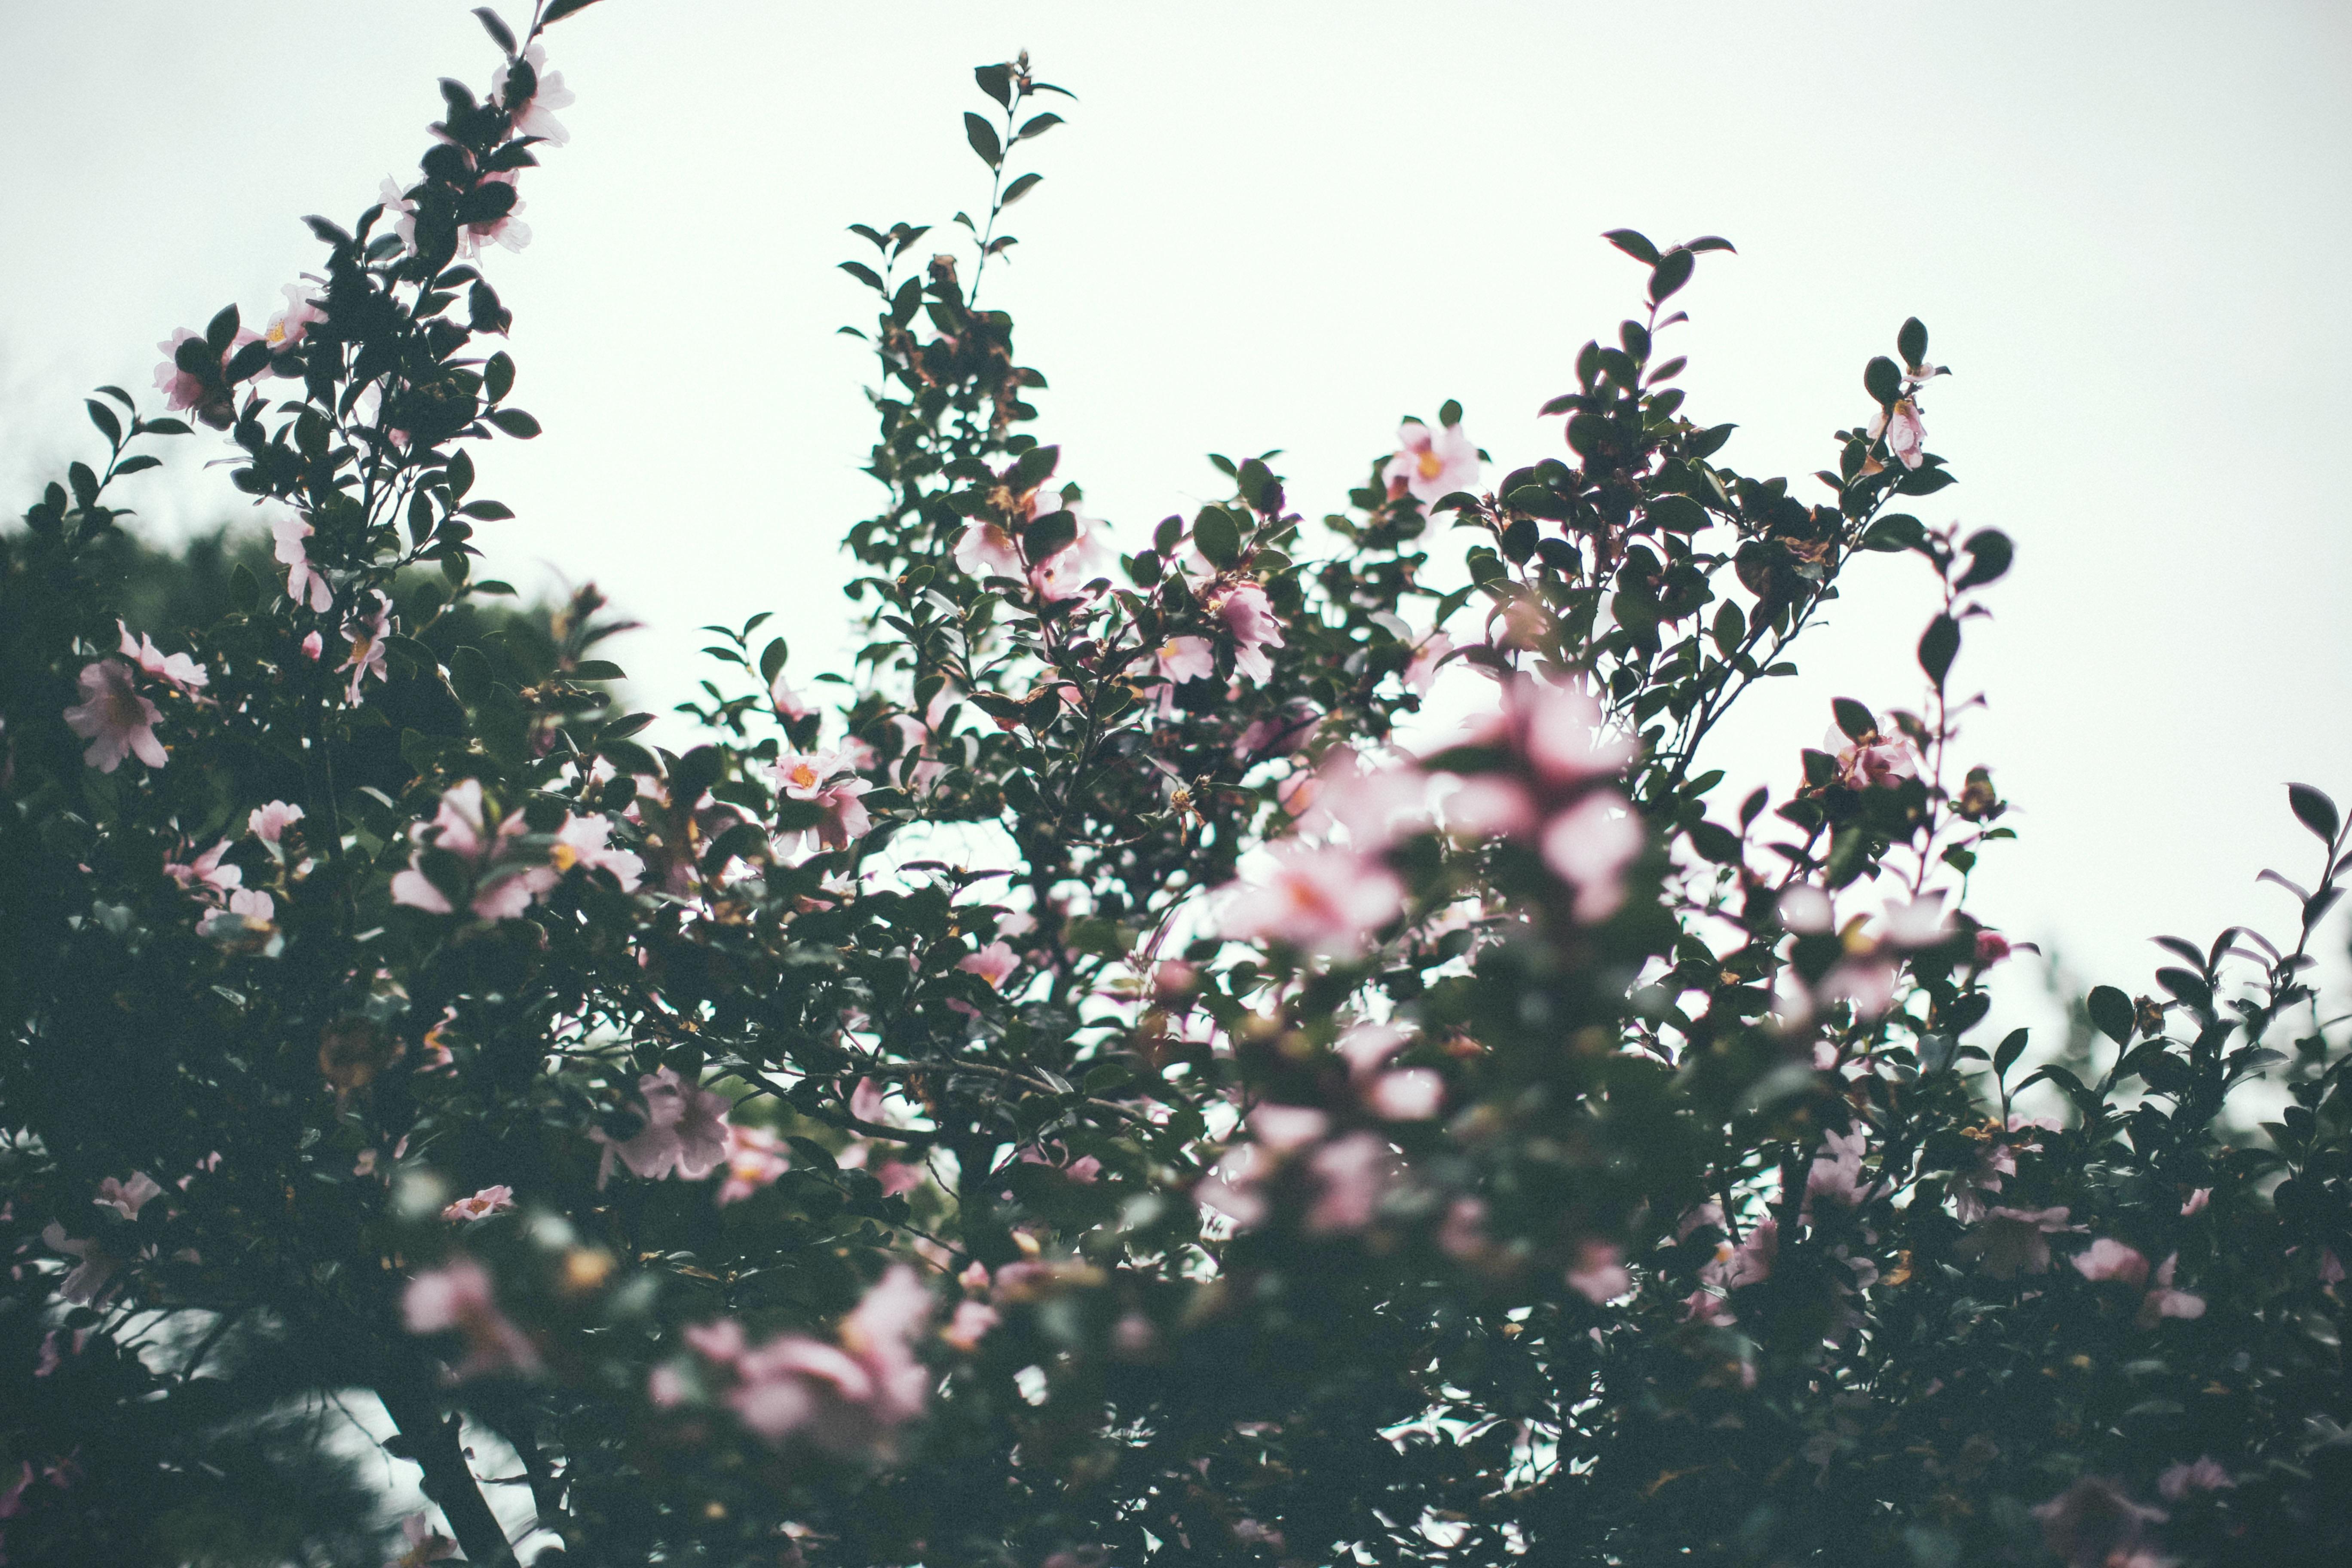 tilt shift lens photography of pink petaled flowers